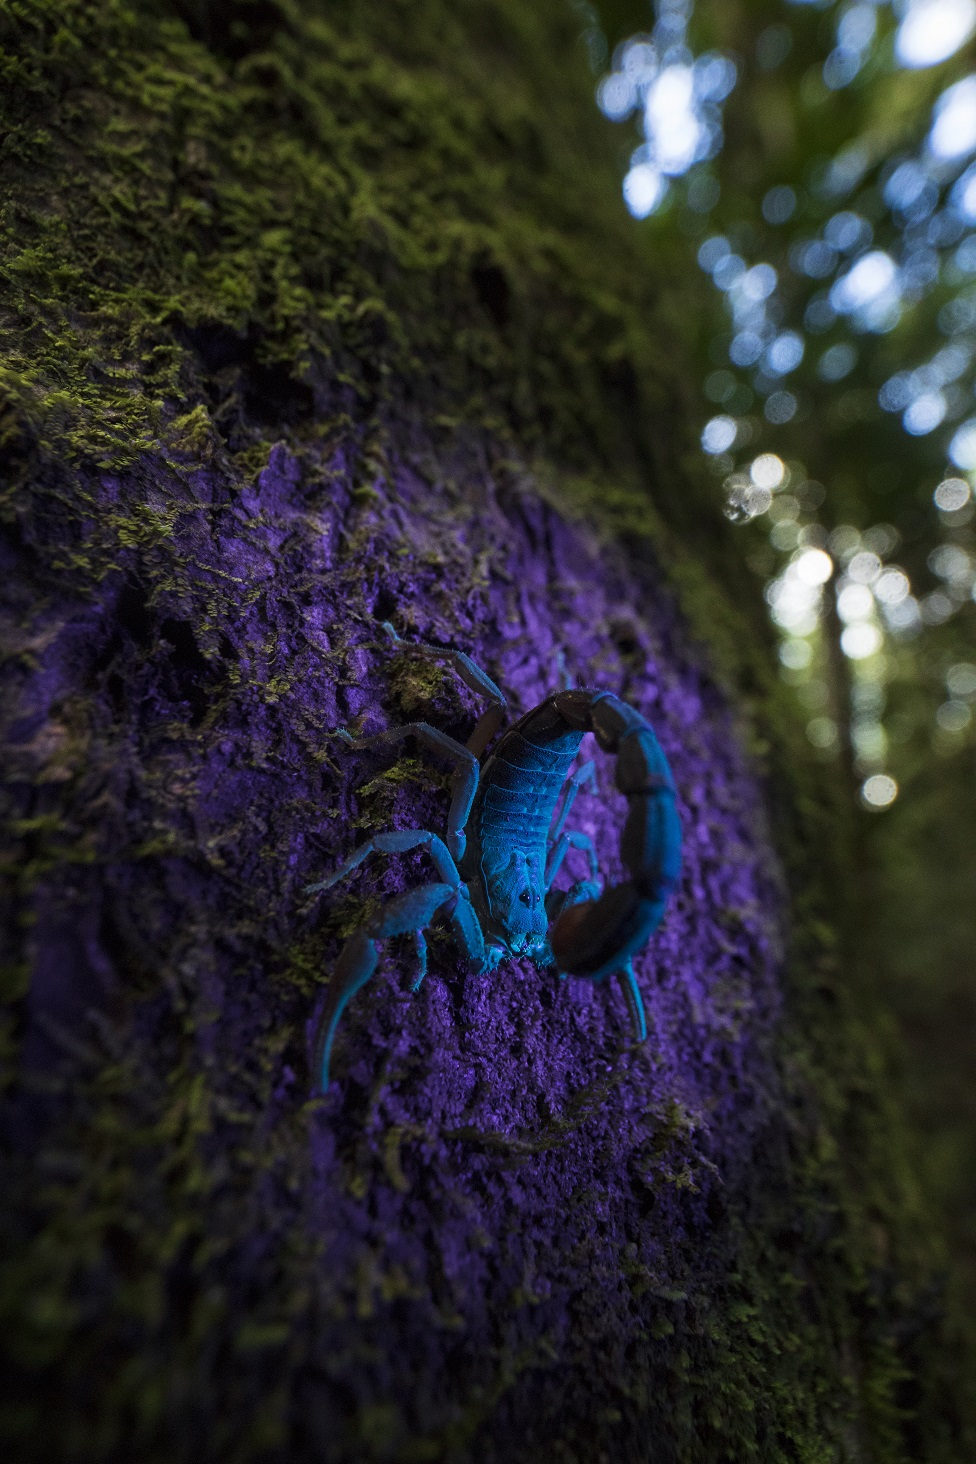 A scorpion under ultra-violet light